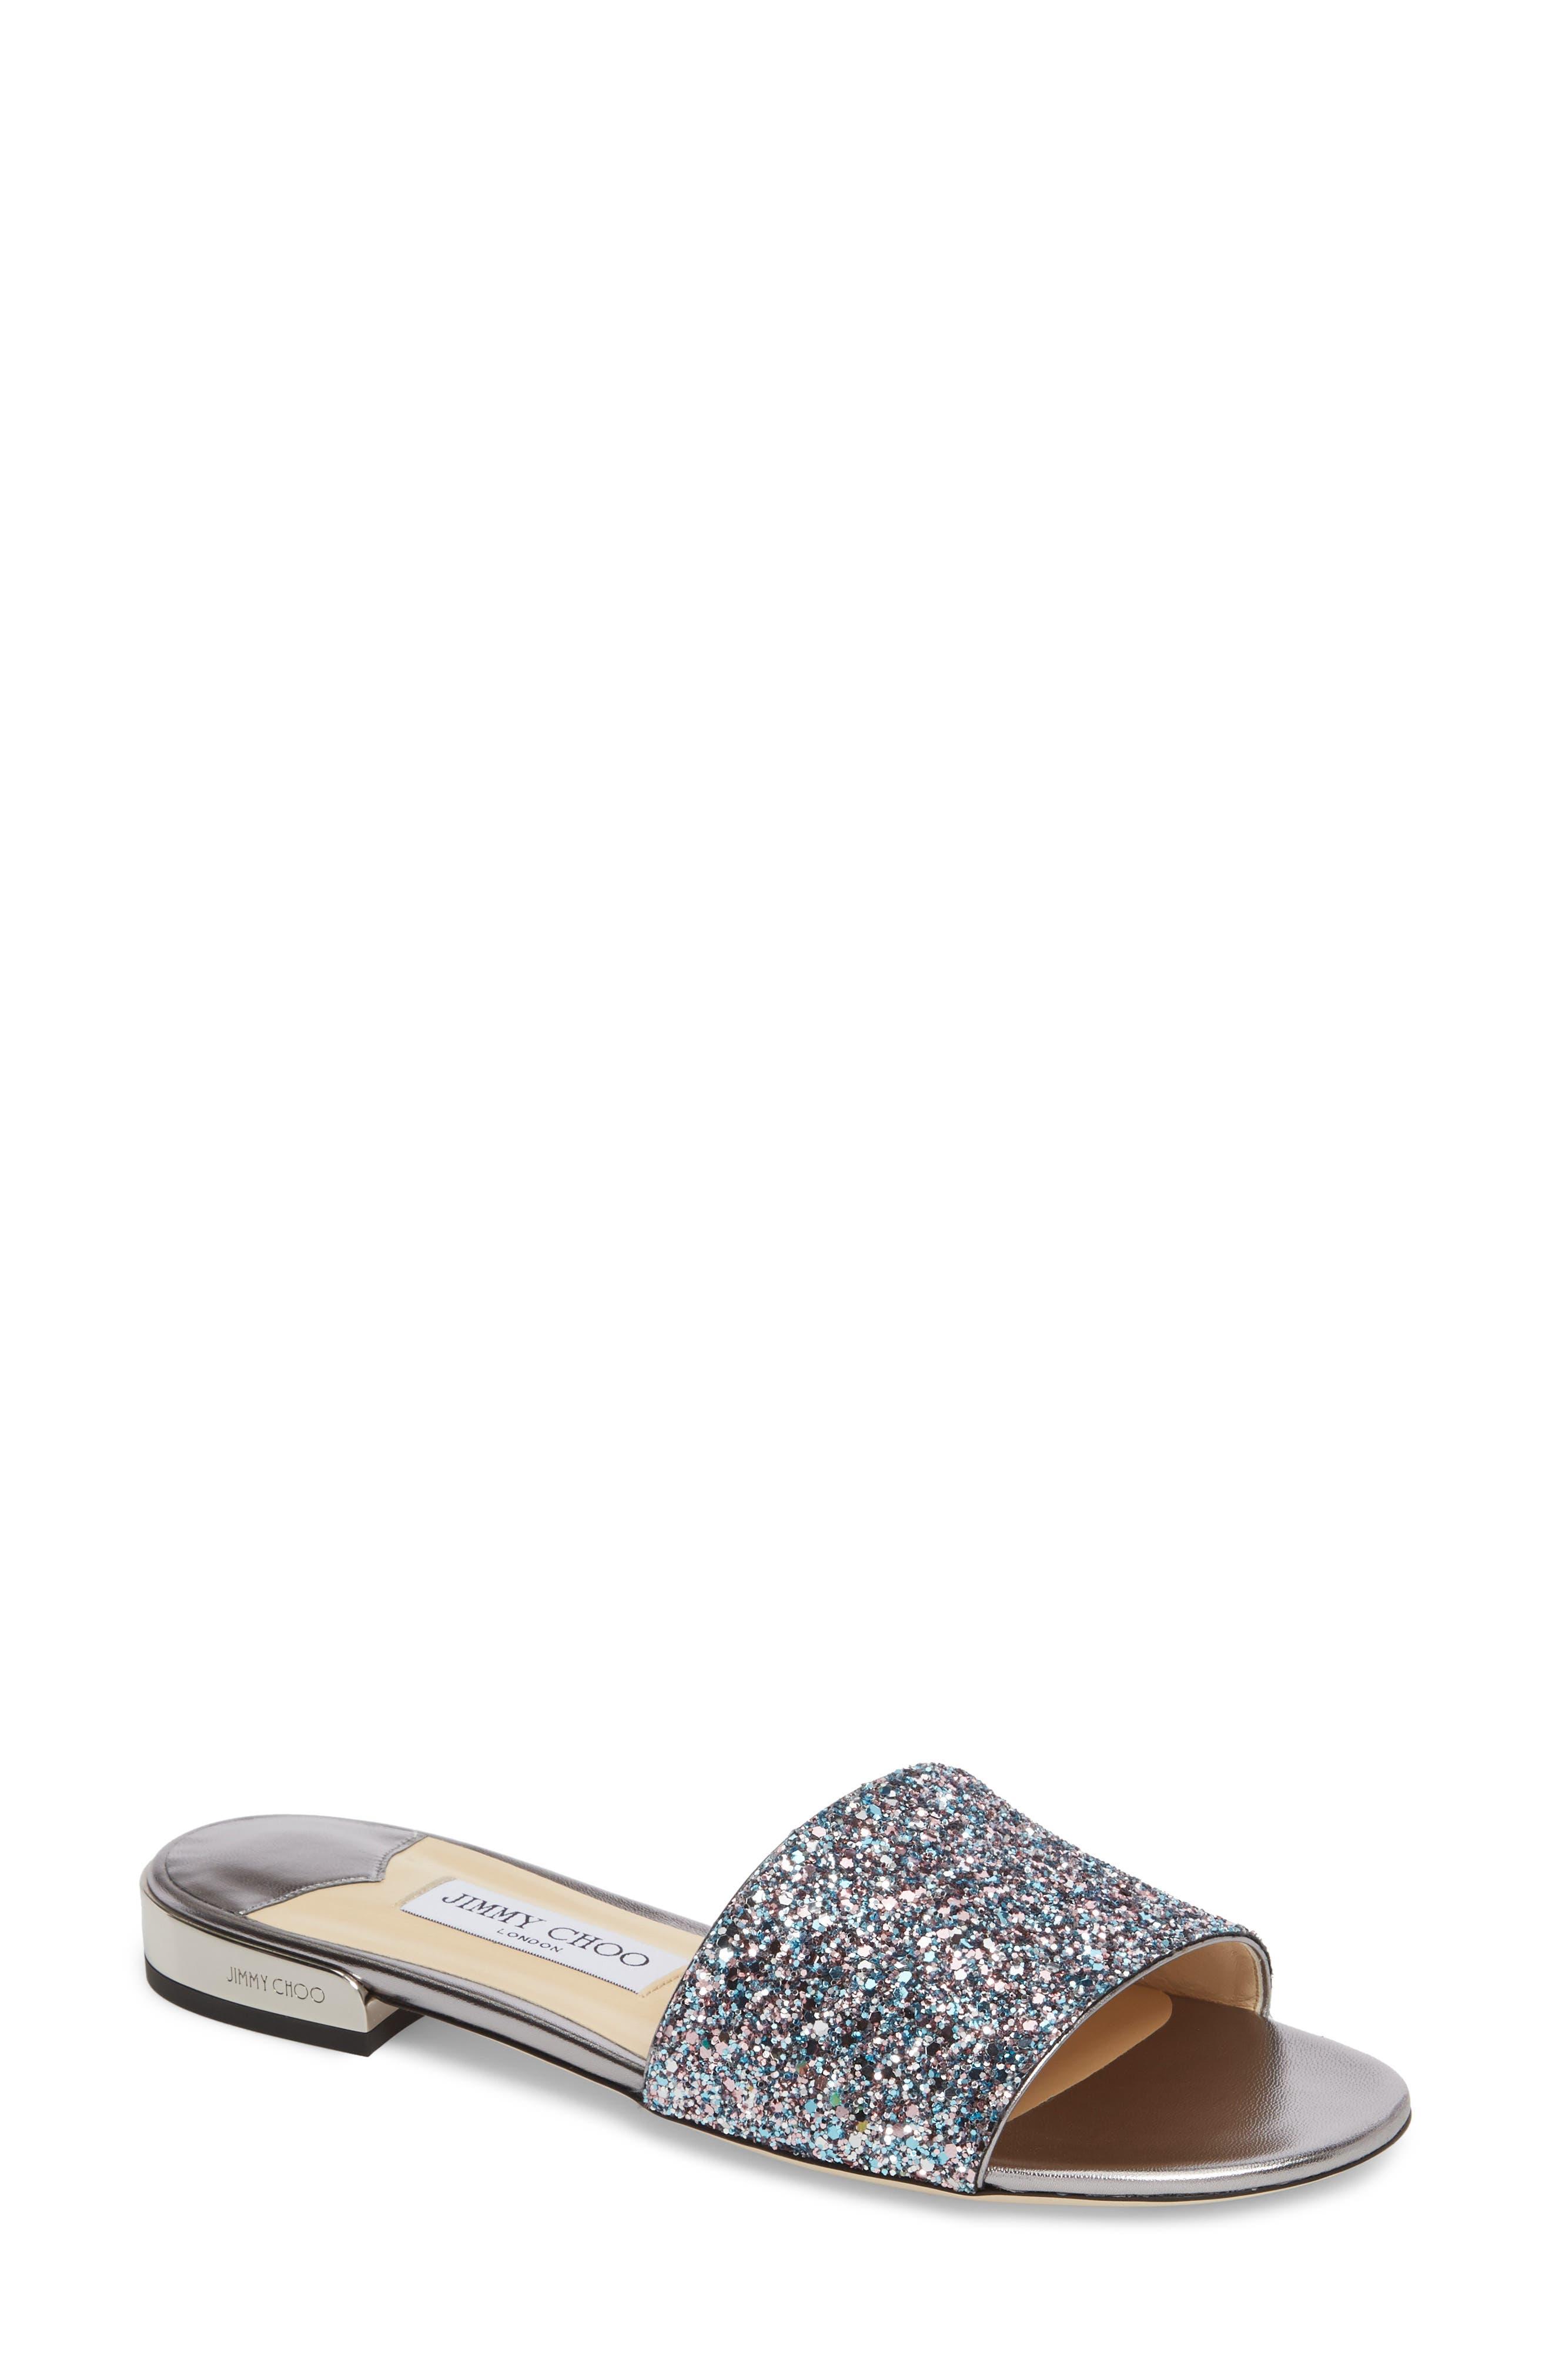 Joni Embellished Slide Sandal,                             Main thumbnail 1, color,                             Blush Silver